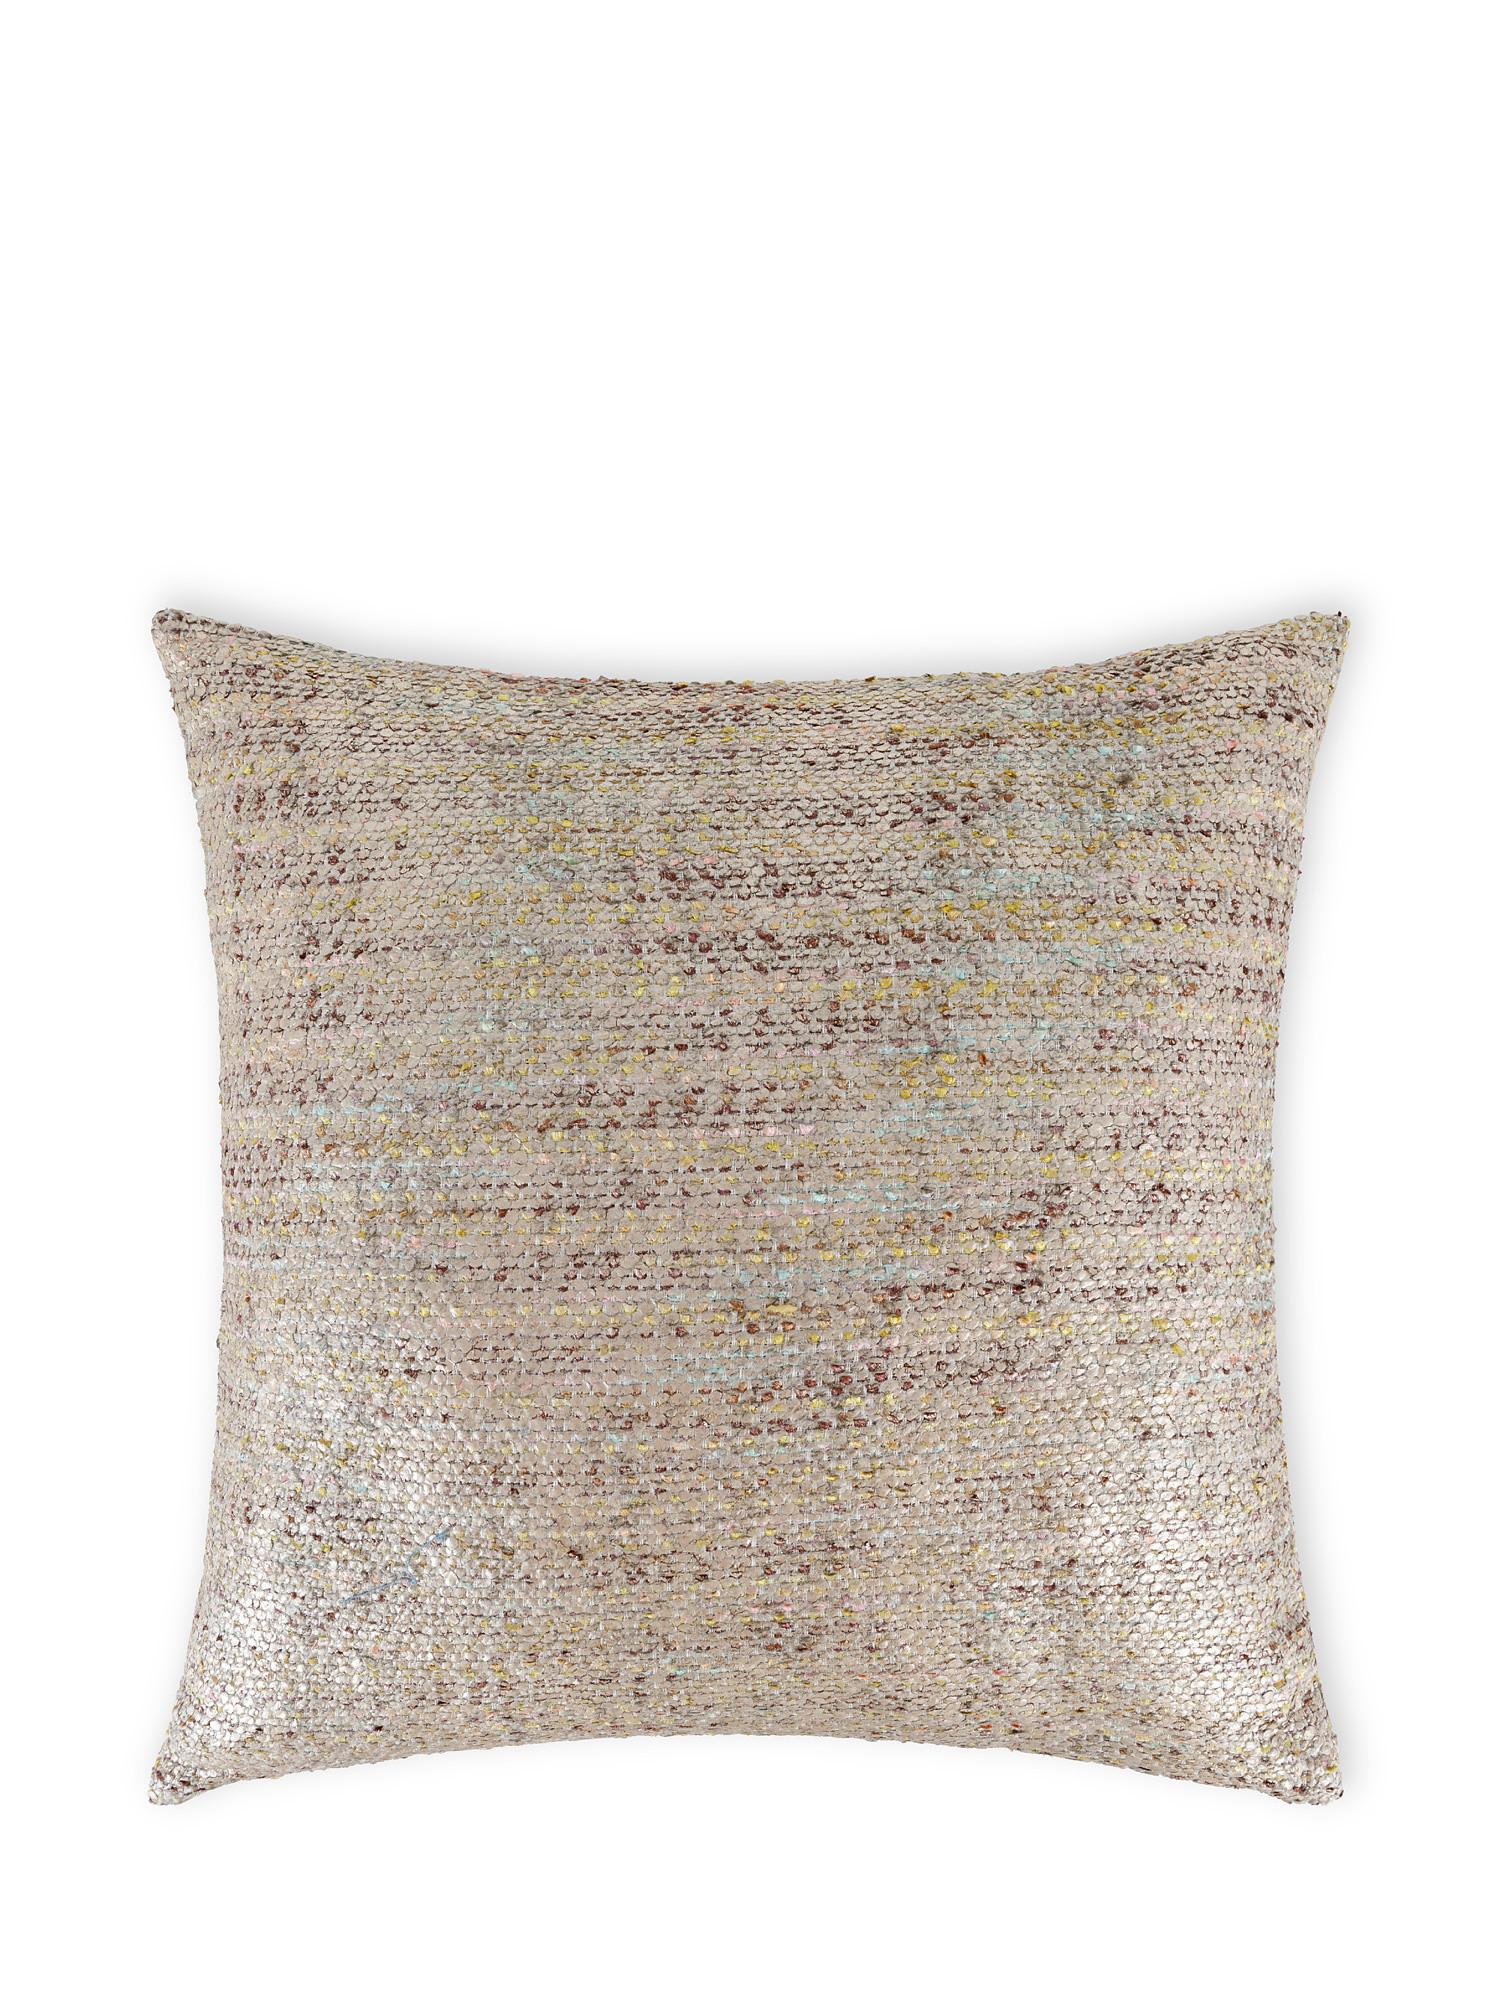 Cuscino tessuto effetto metallico 50x50cm, Multicolor, large image number 0